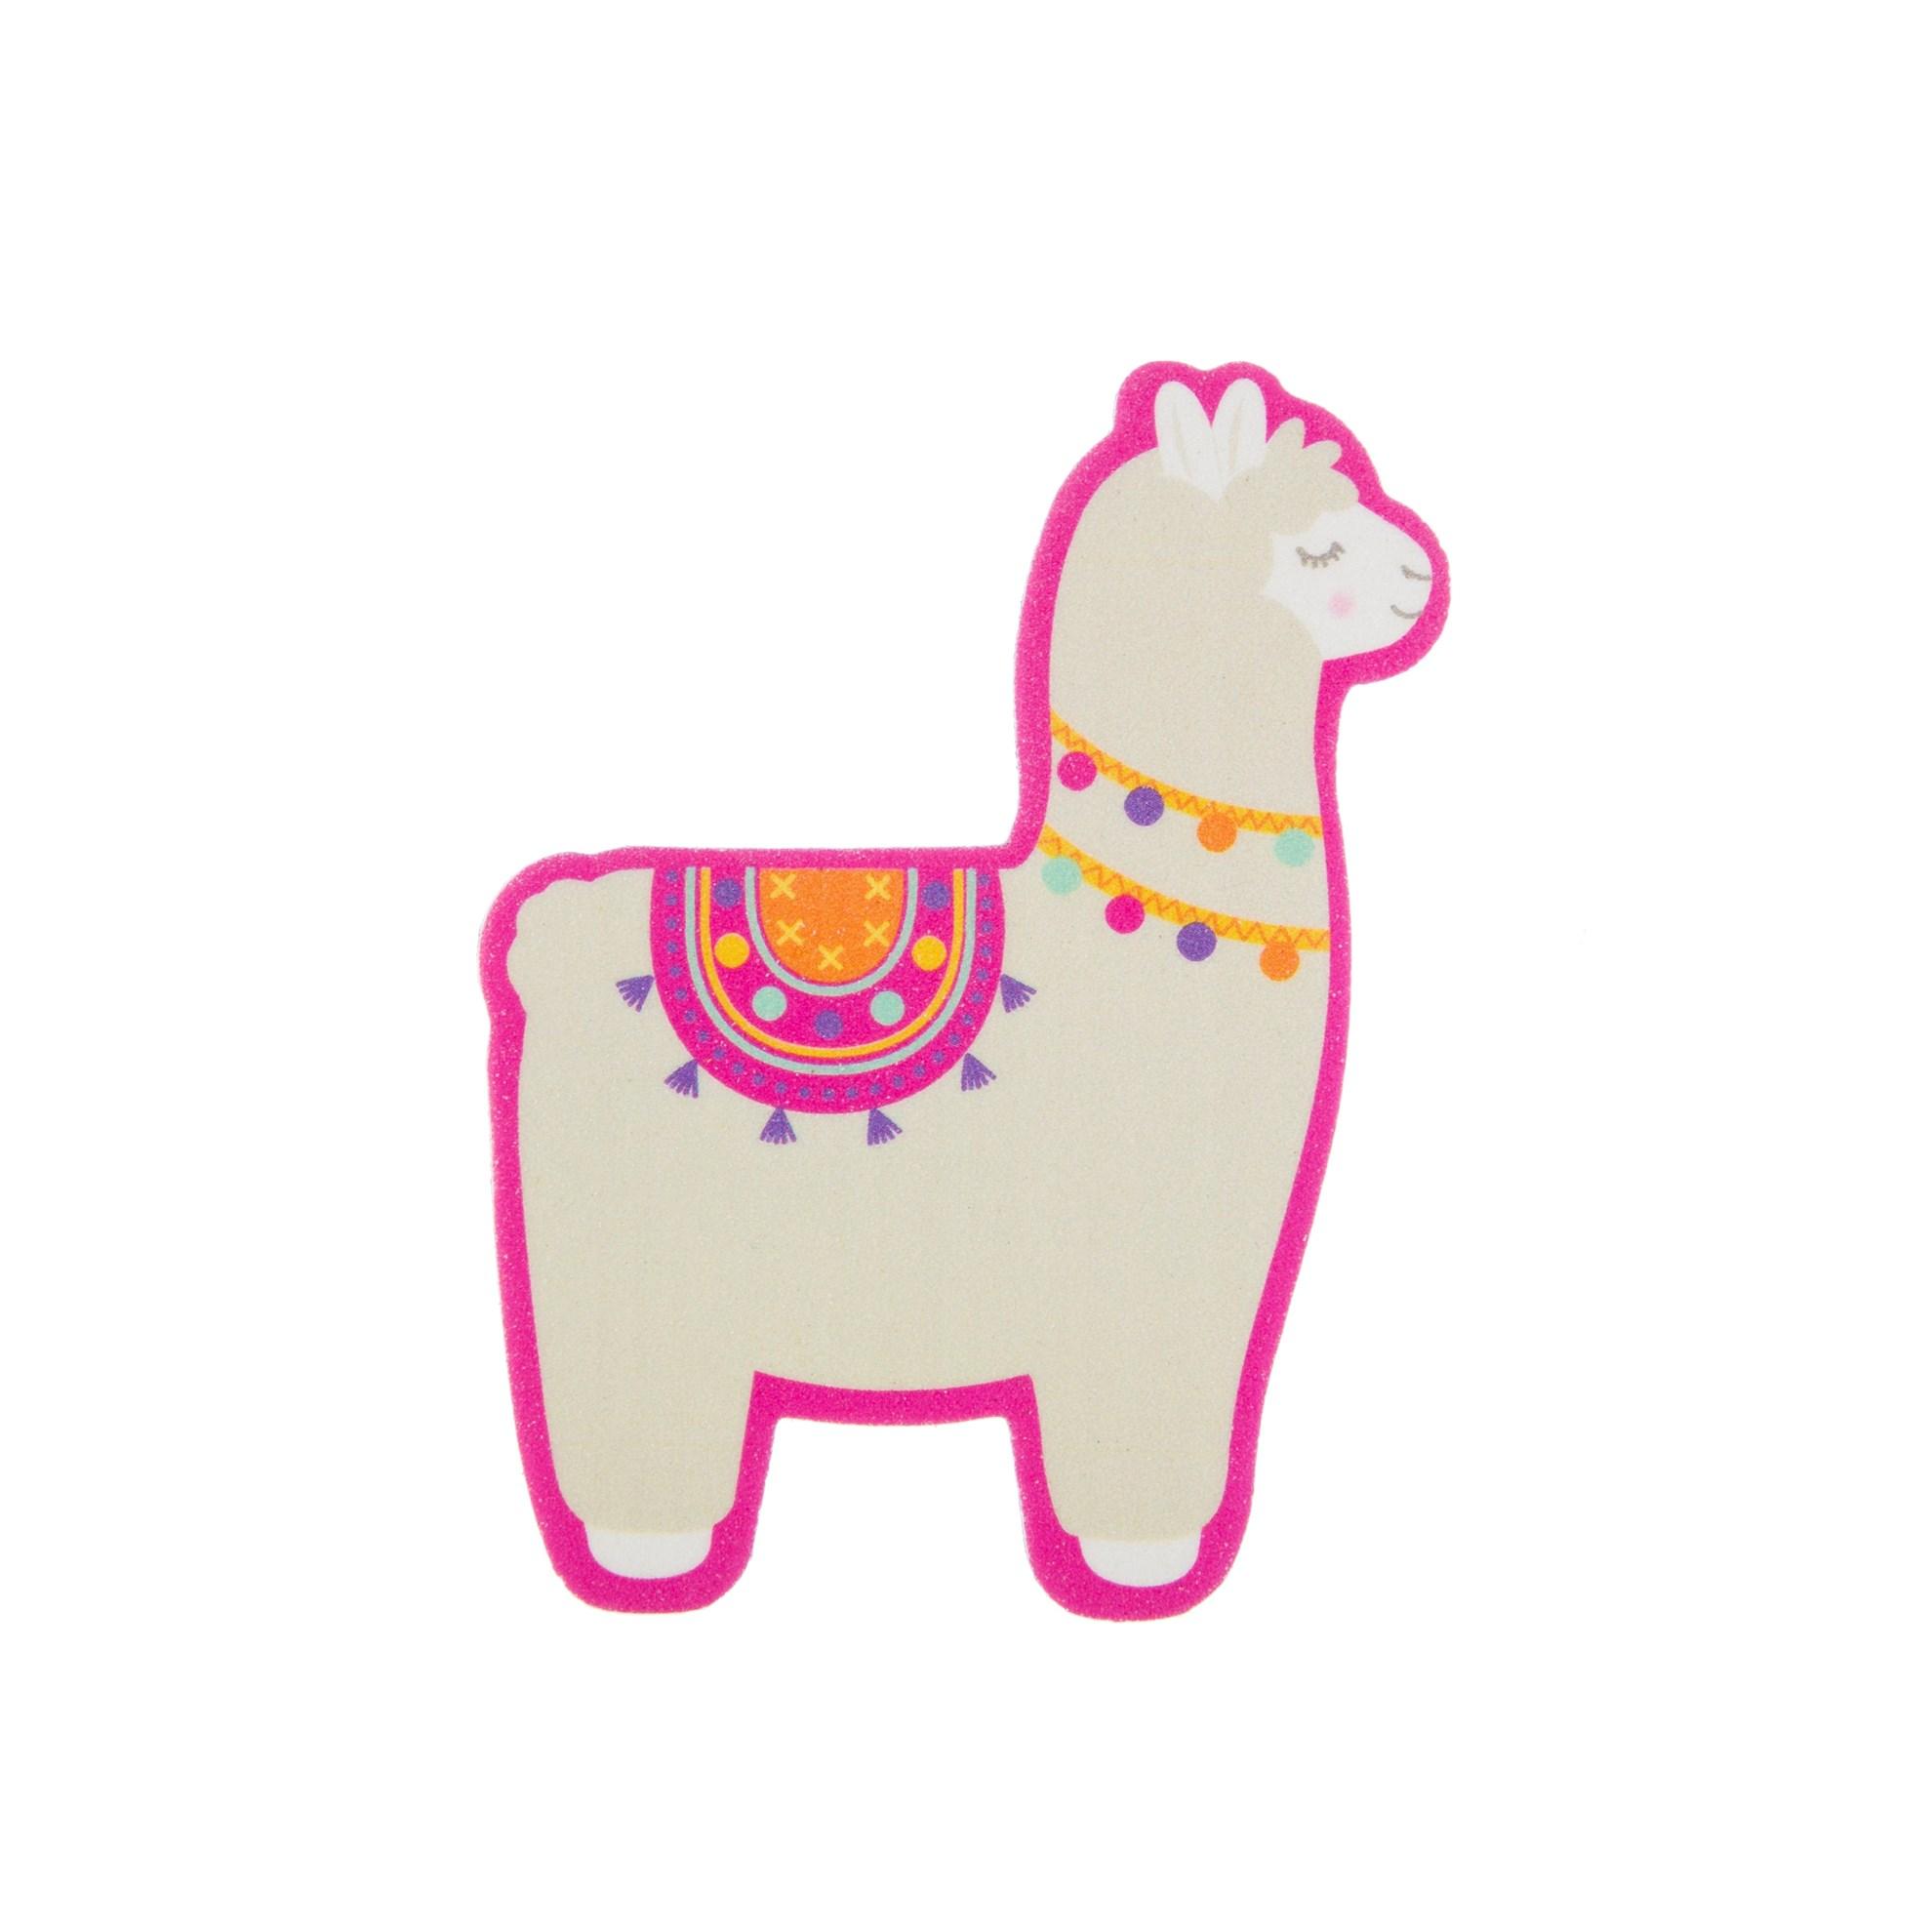 Dětský pilník na nehty Lima Llama 4dr. cena/ks_1